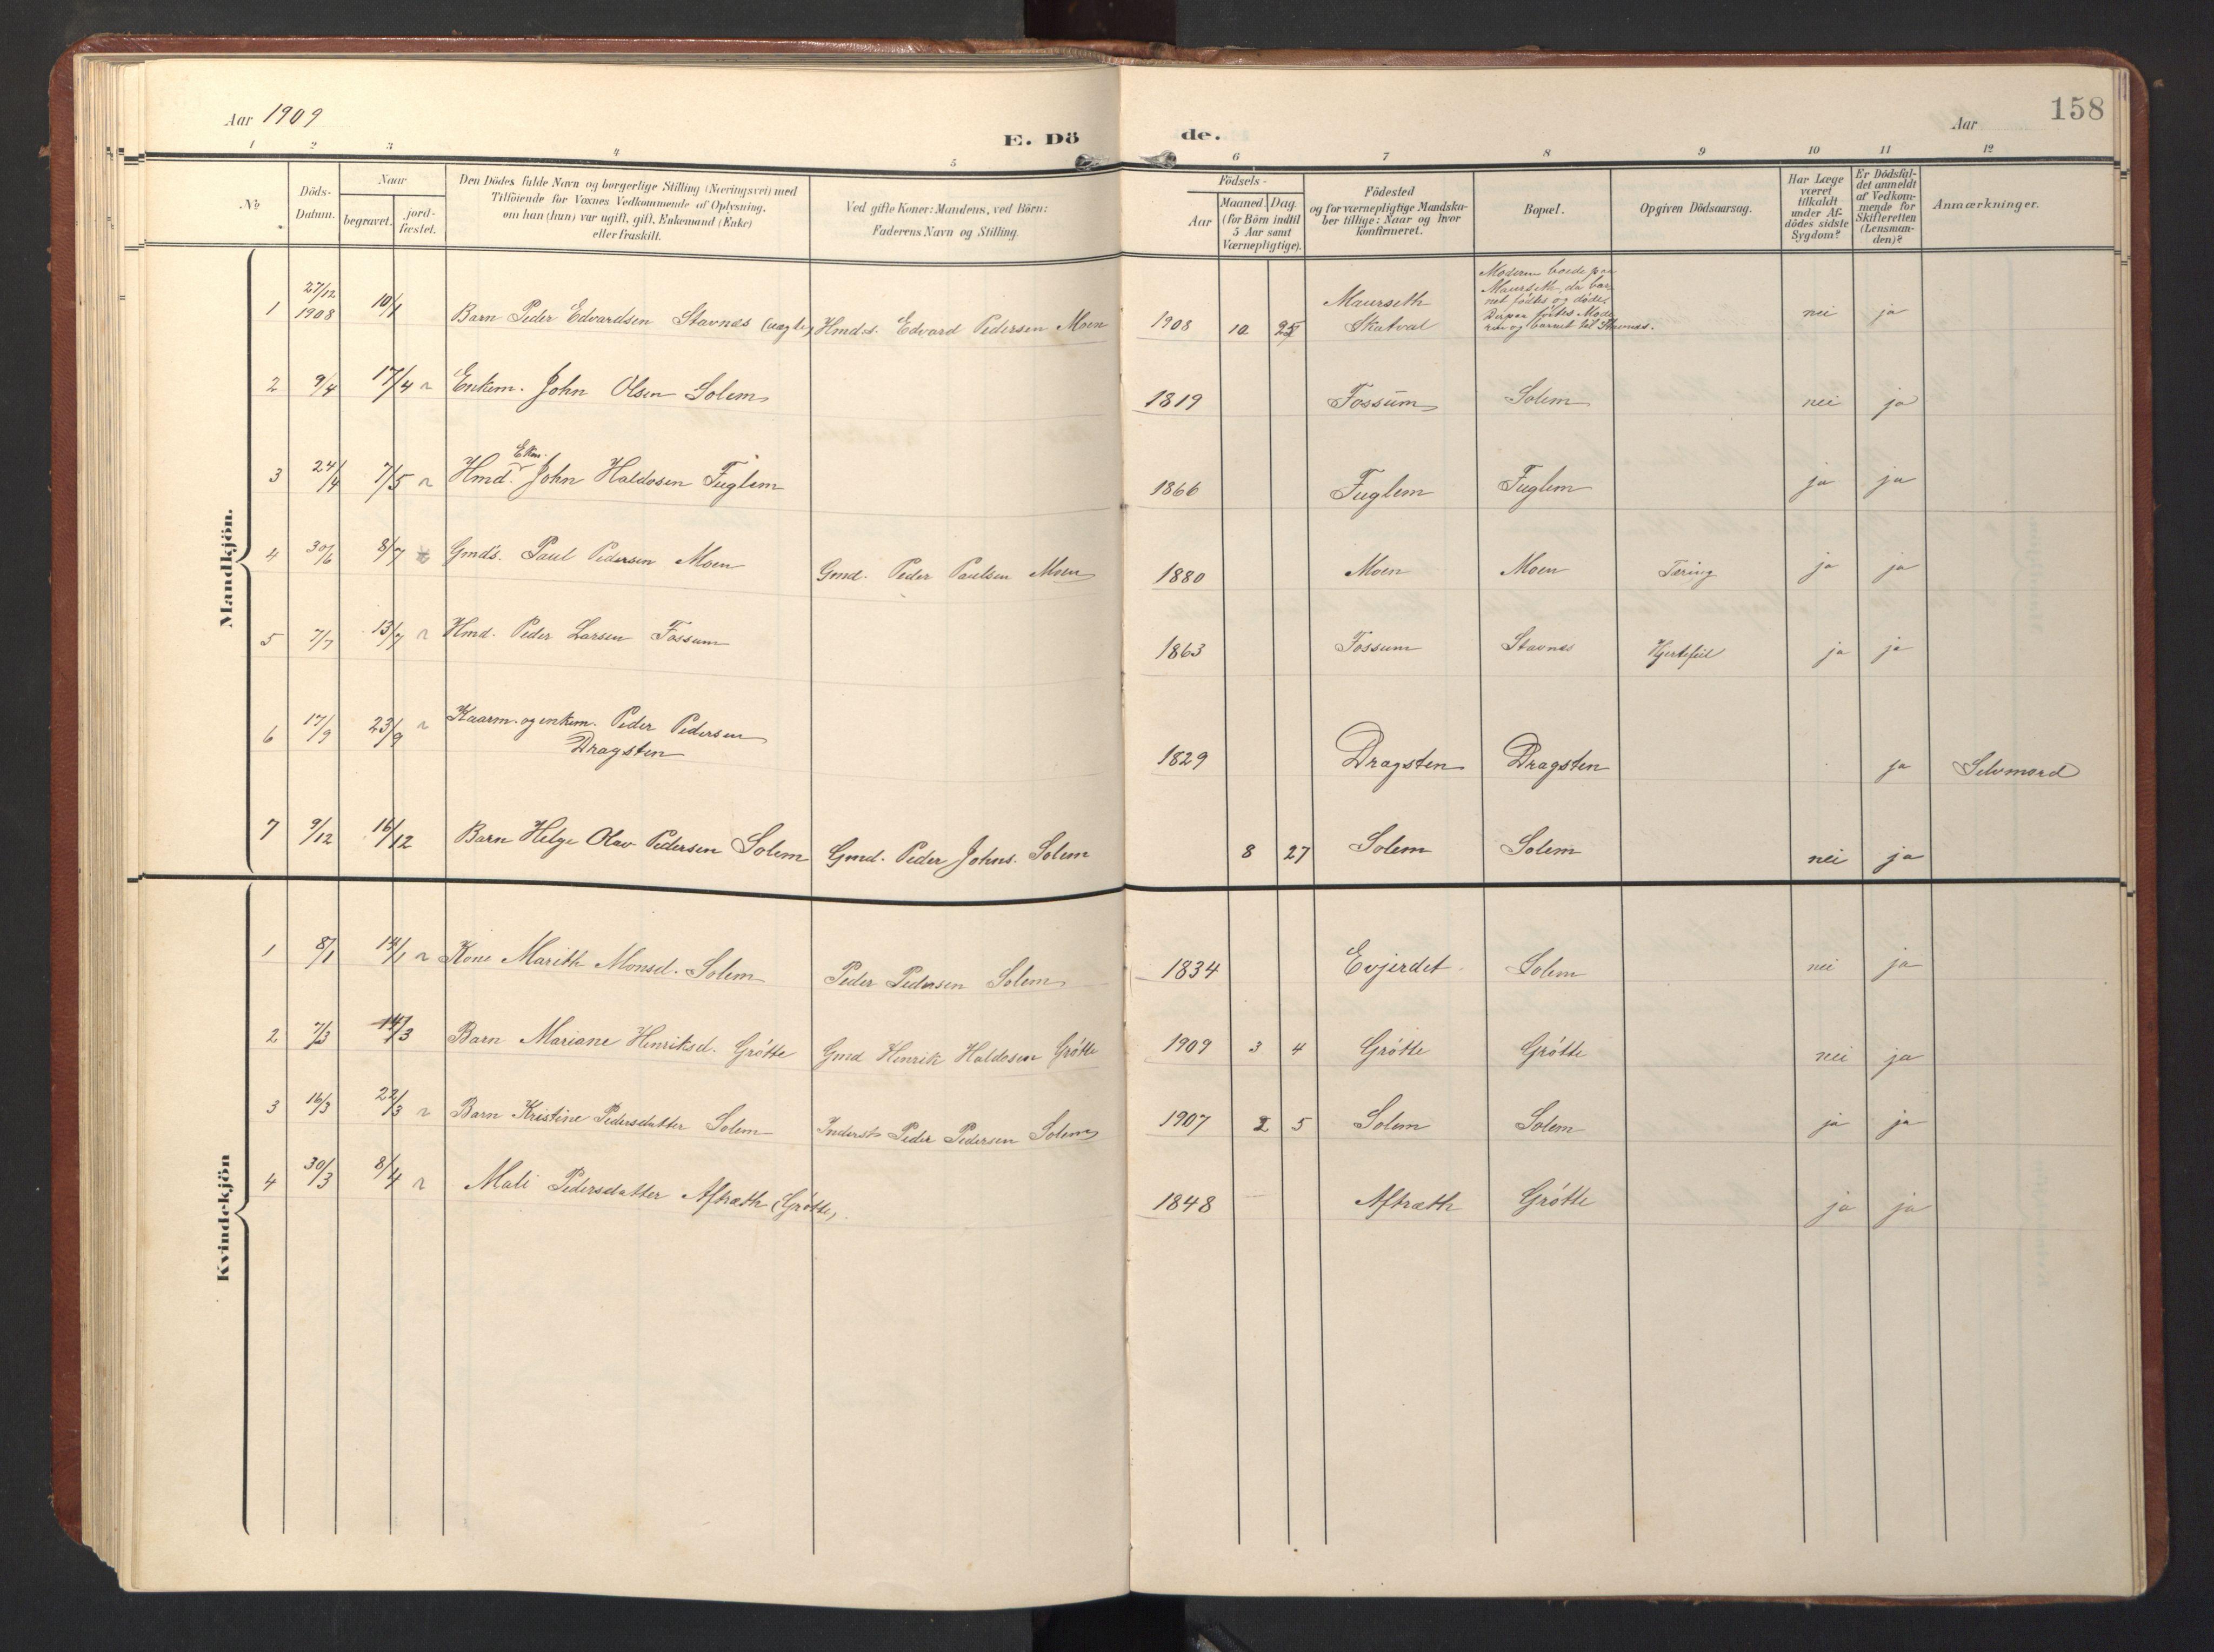 SAT, Ministerialprotokoller, klokkerbøker og fødselsregistre - Sør-Trøndelag, 696/L1161: Klokkerbok nr. 696C01, 1902-1950, s. 158